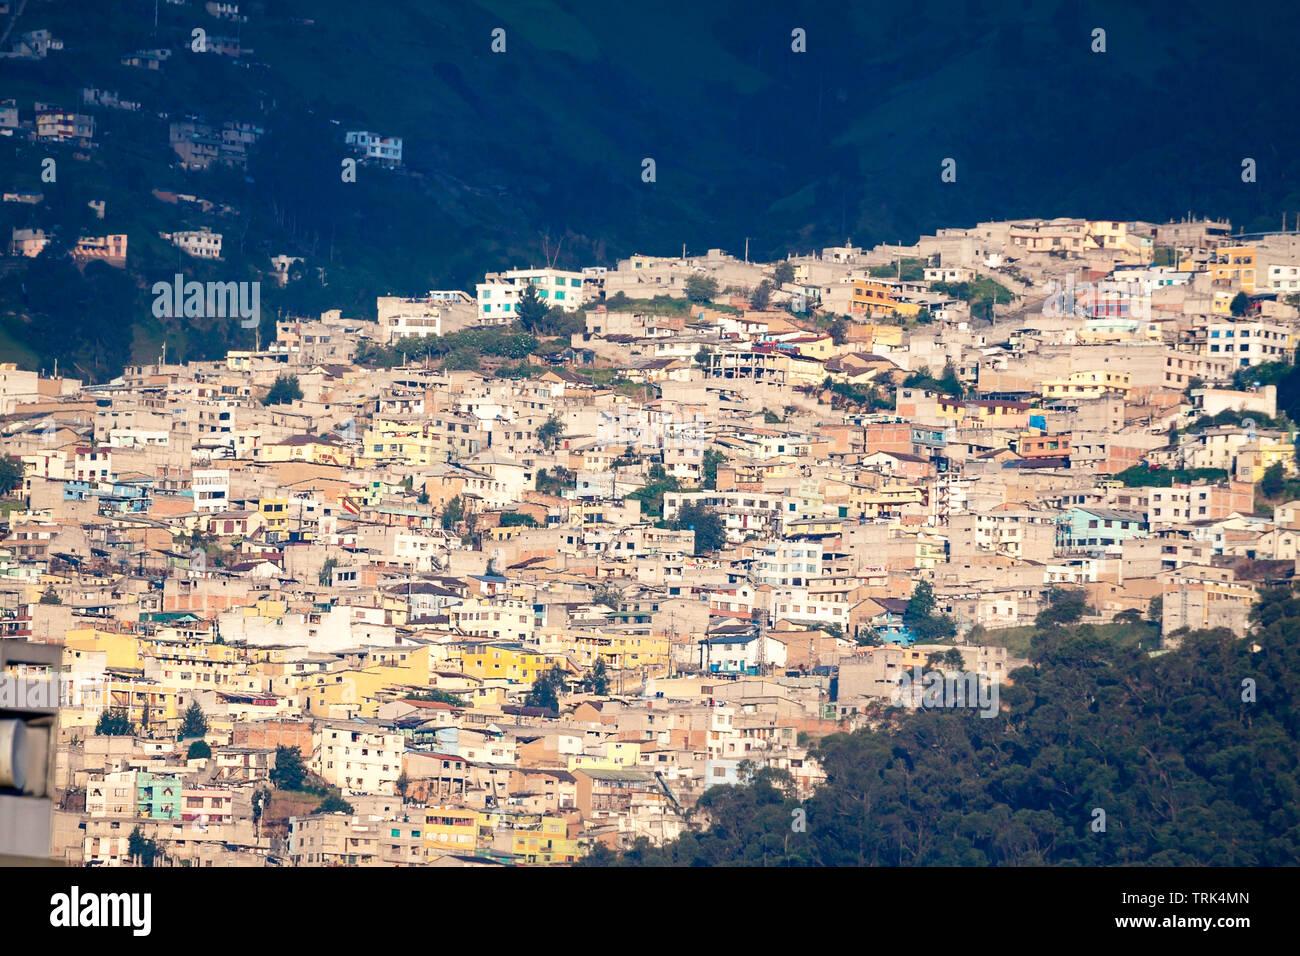 Una ladera barrio en la ciudad de Quito, la capital del Ecuador. Foto de stock